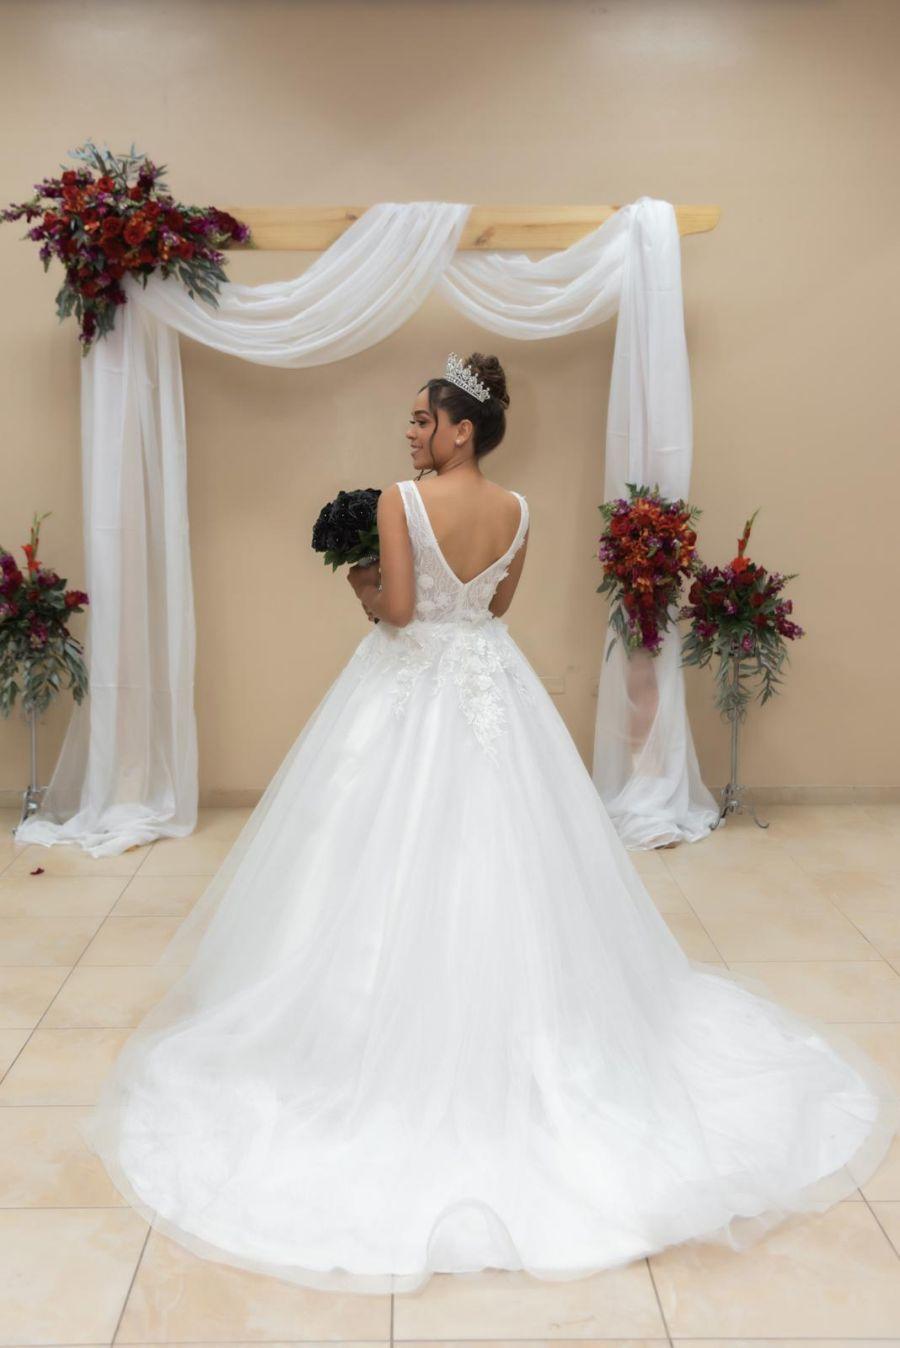 Vestidos de novias para alquilar en santiago republica dominicana